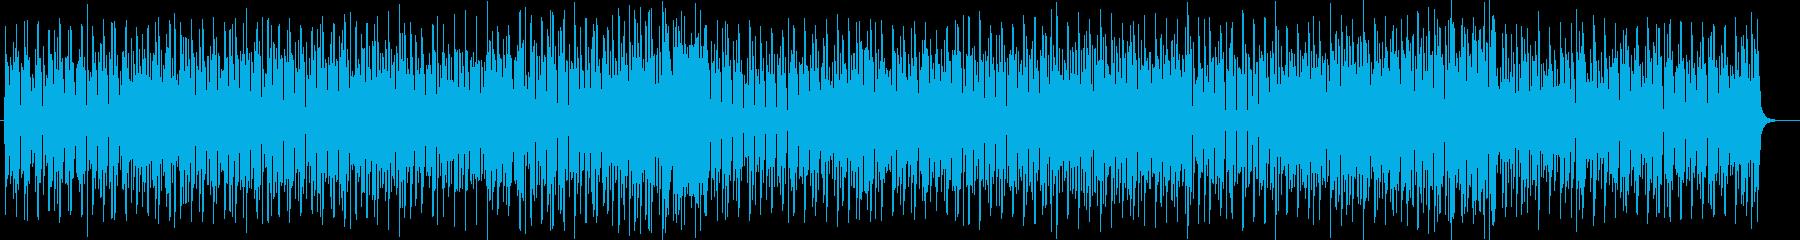 宇宙的なシンセサイザーサウンドの再生済みの波形